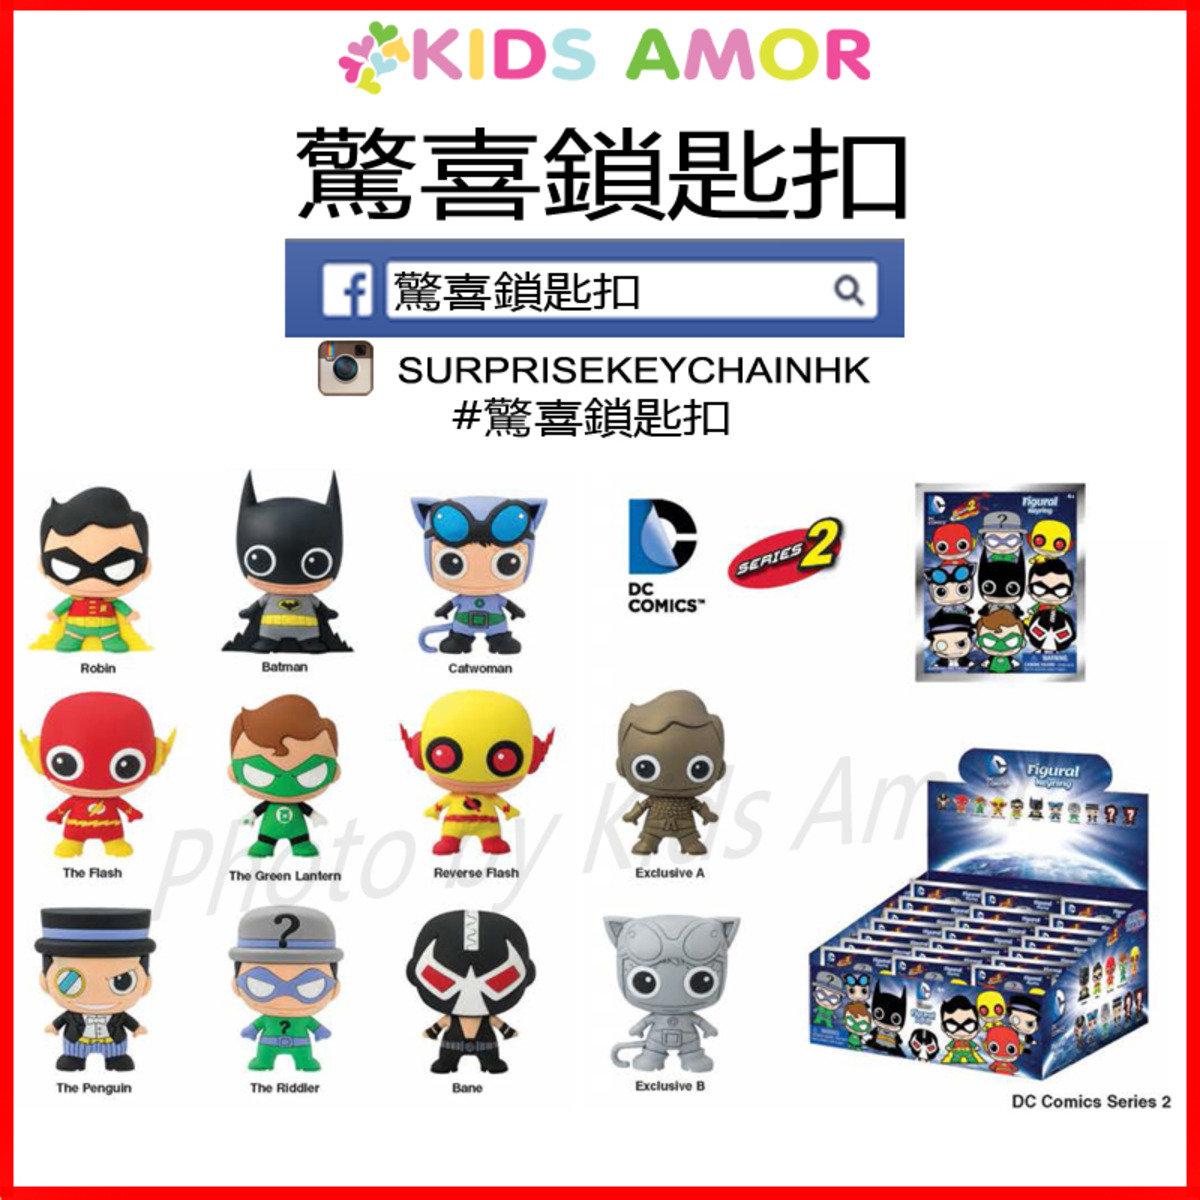 驚喜鎖匙扣/吊掛: DC COMICS 系列二